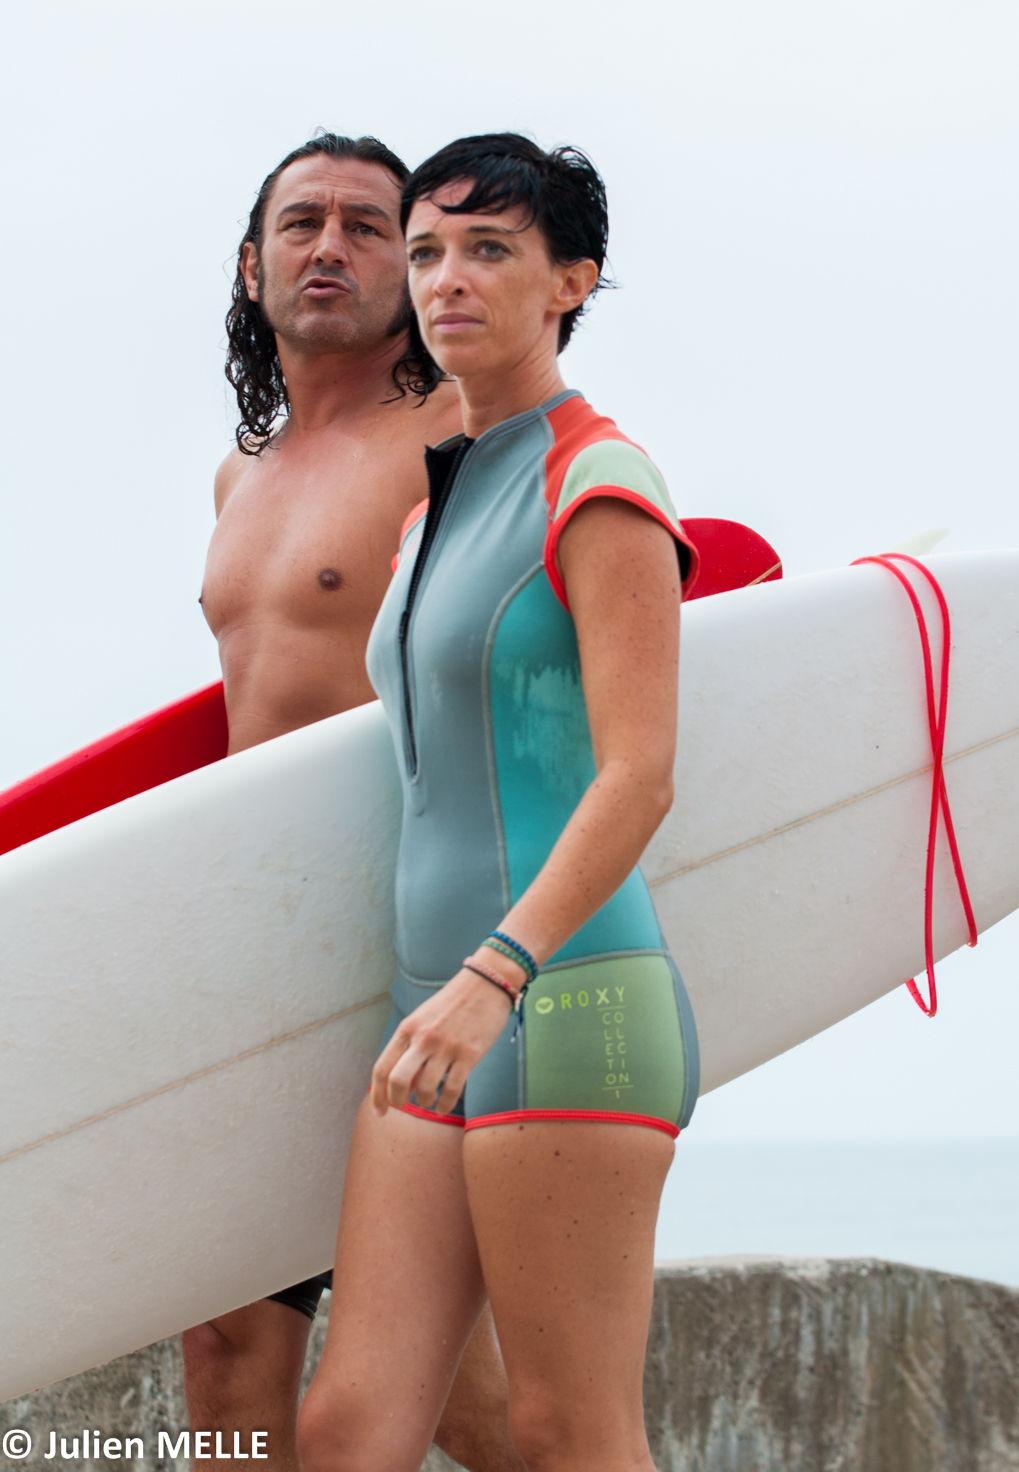 Combinaison pour aller surfer au Big Festival